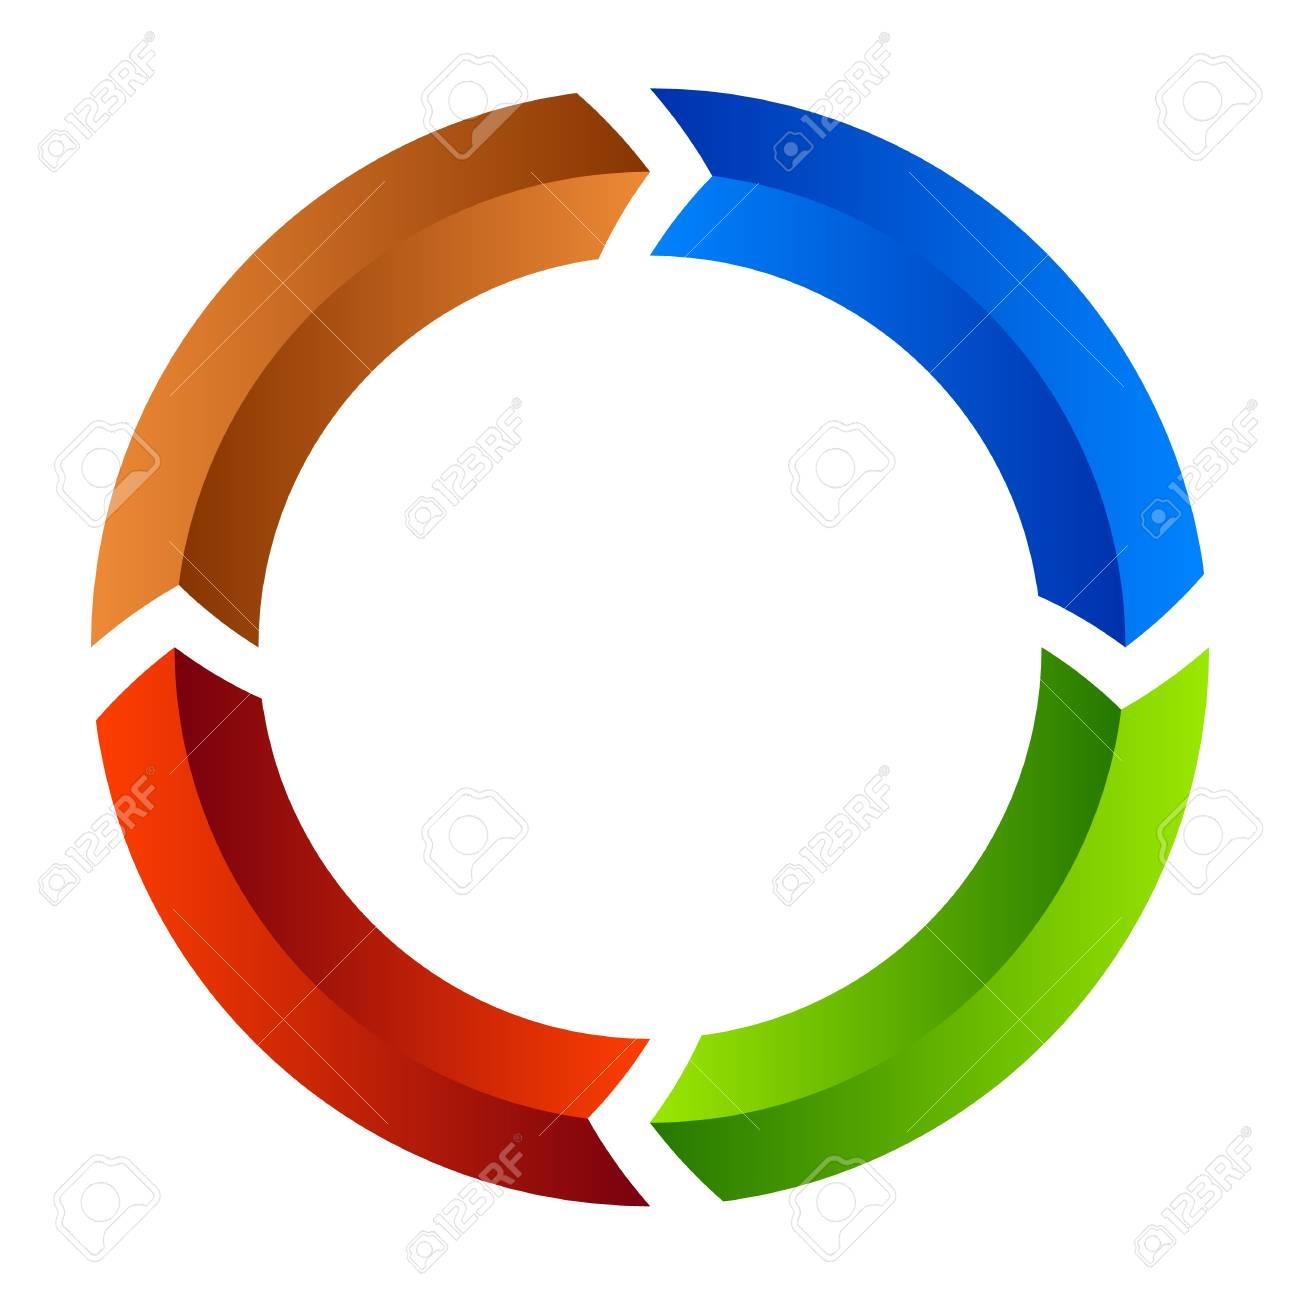 segmented circle arrow circular arrow icon process progres